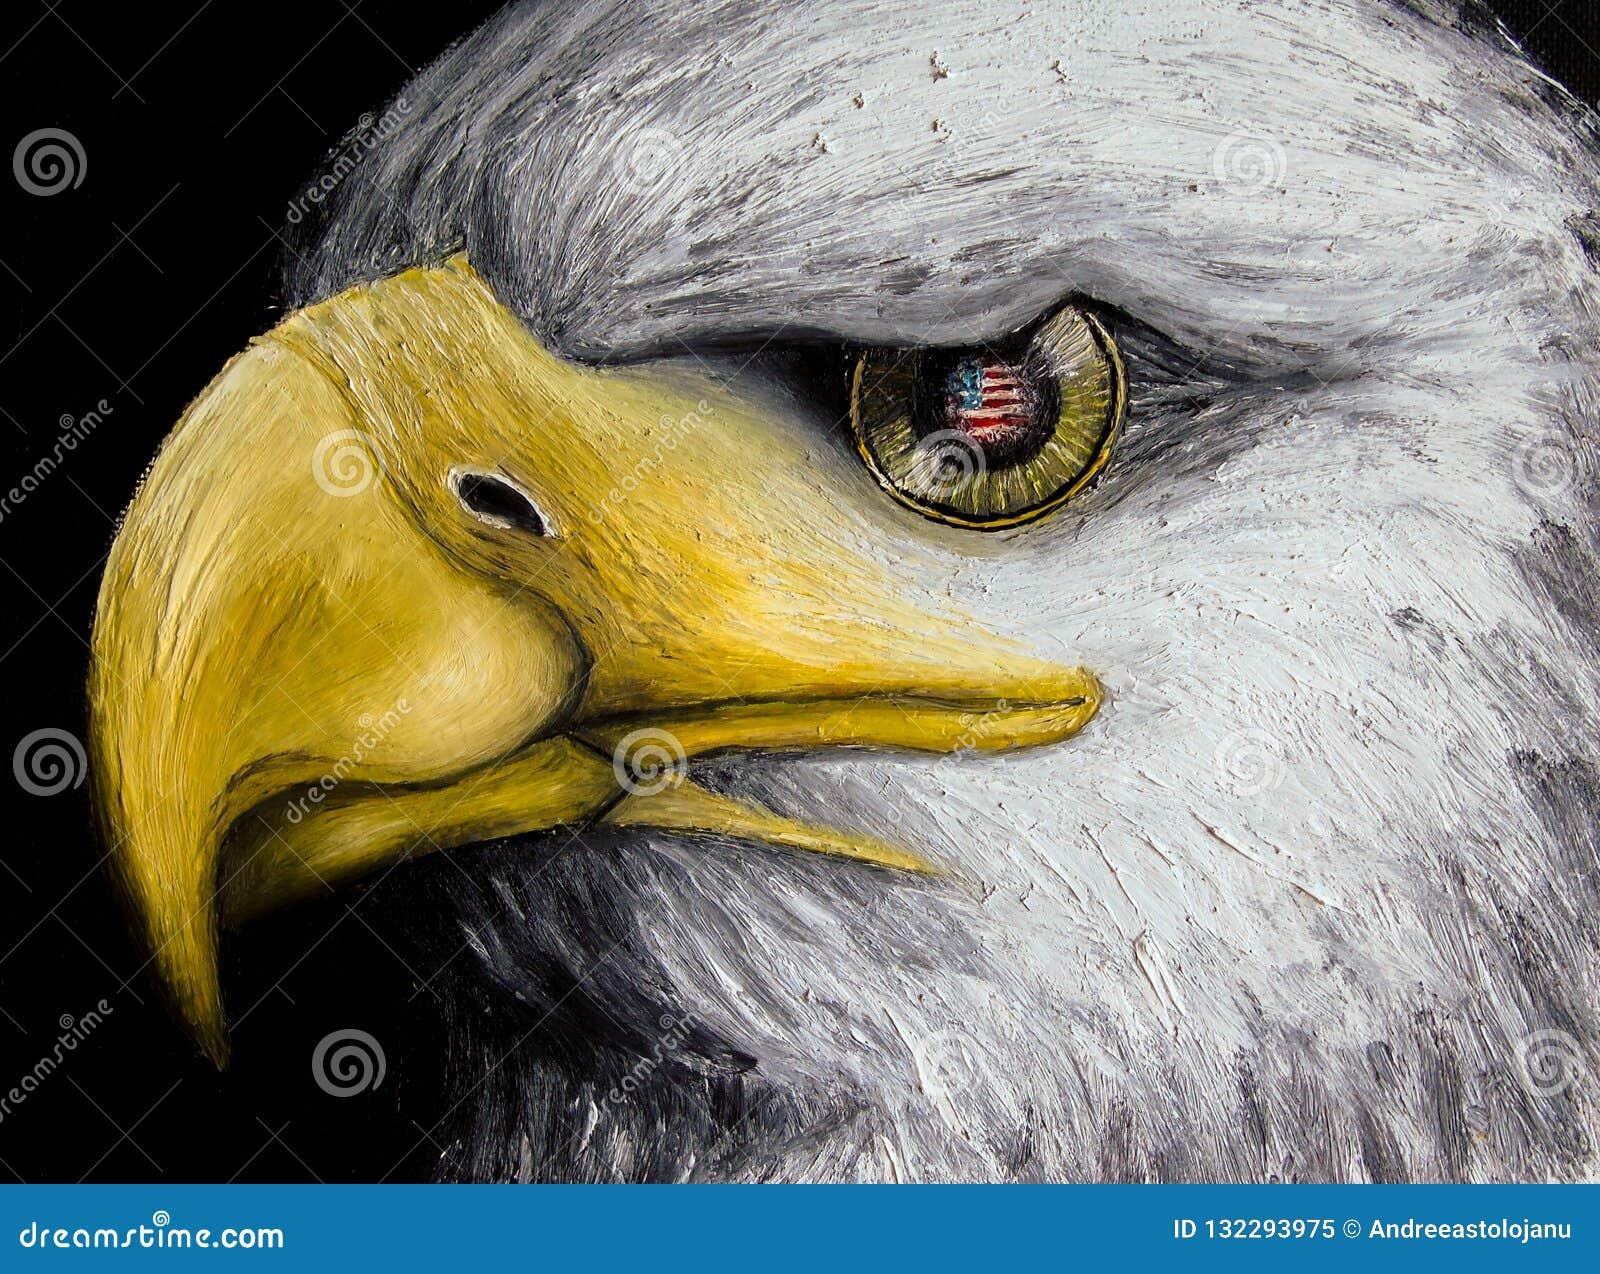 Oljamålning av enhövdad örn med amerikanska flaggan reflekterade i dess guld- öga som isolerades på svart bakgrund, ferier